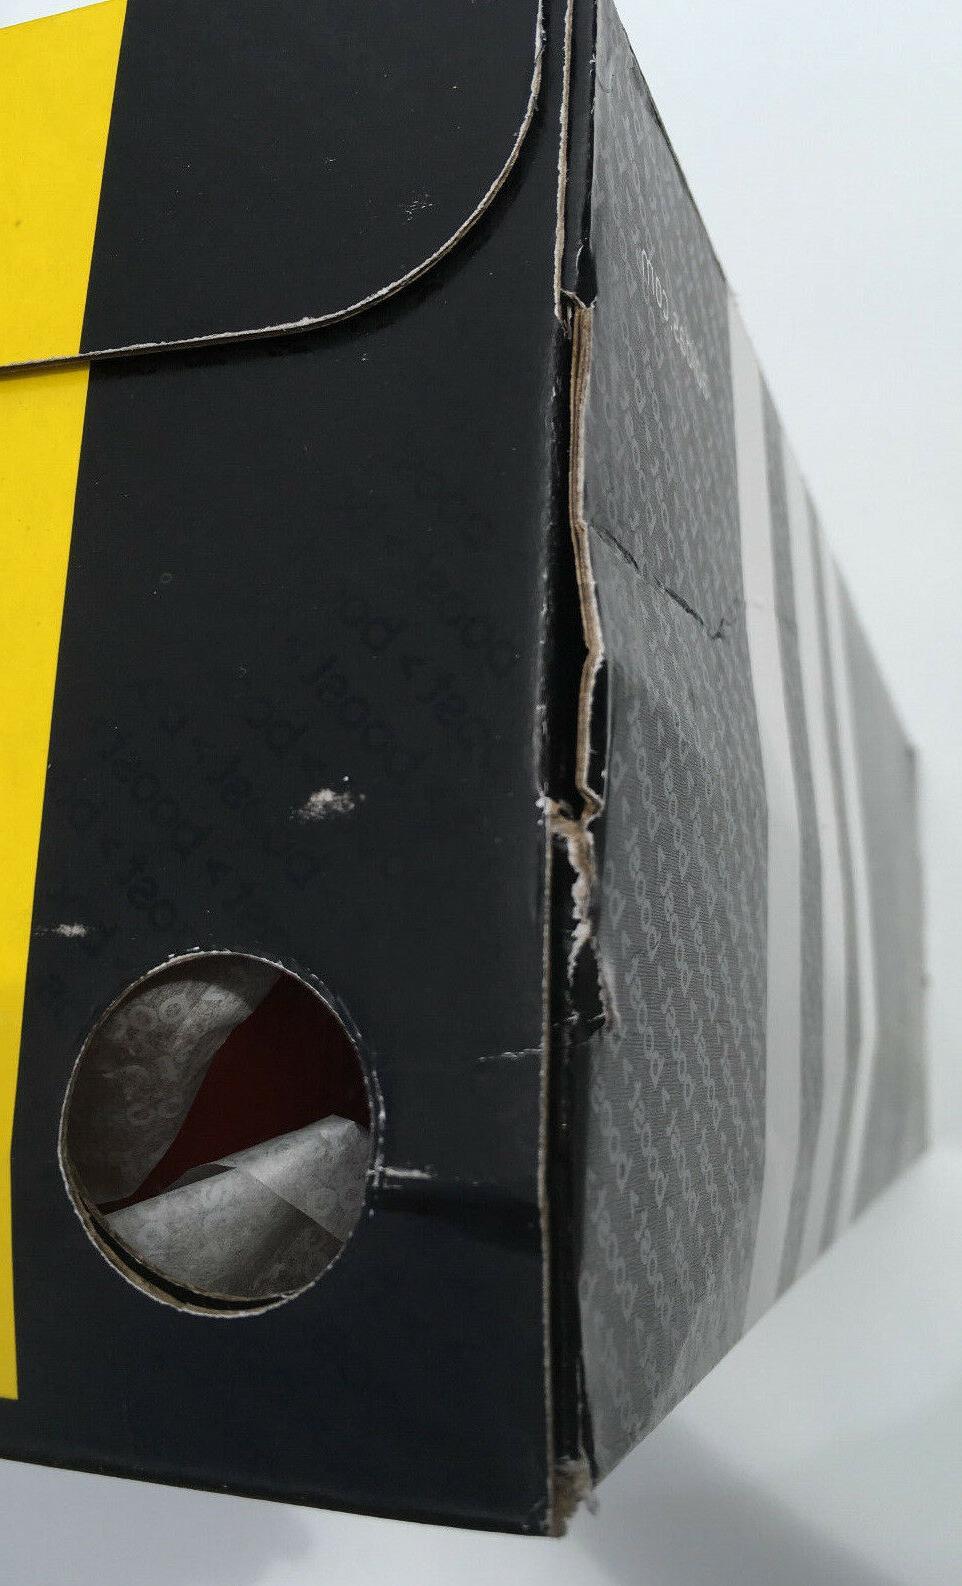 adidas Crazy 2017 Primeknit Mens Shoe Red